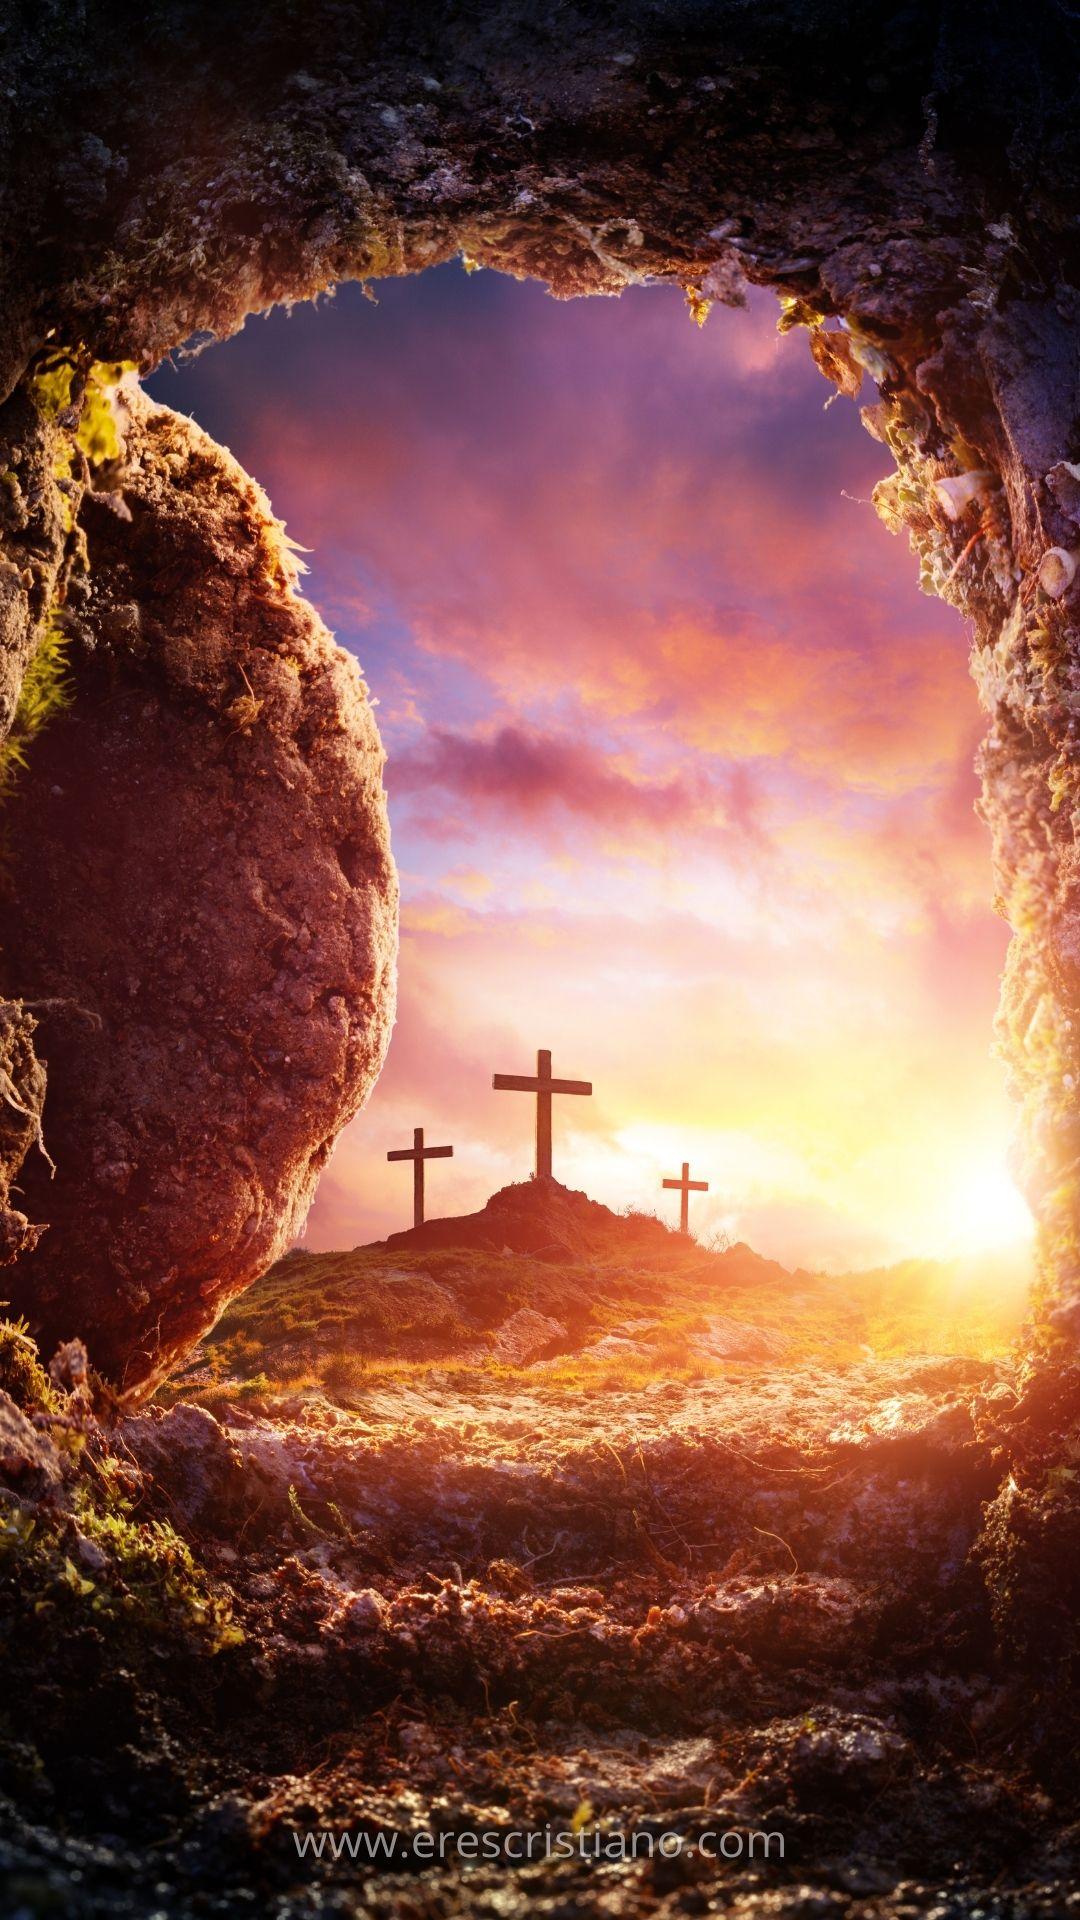 Fondo de pantalla para celular cristianos